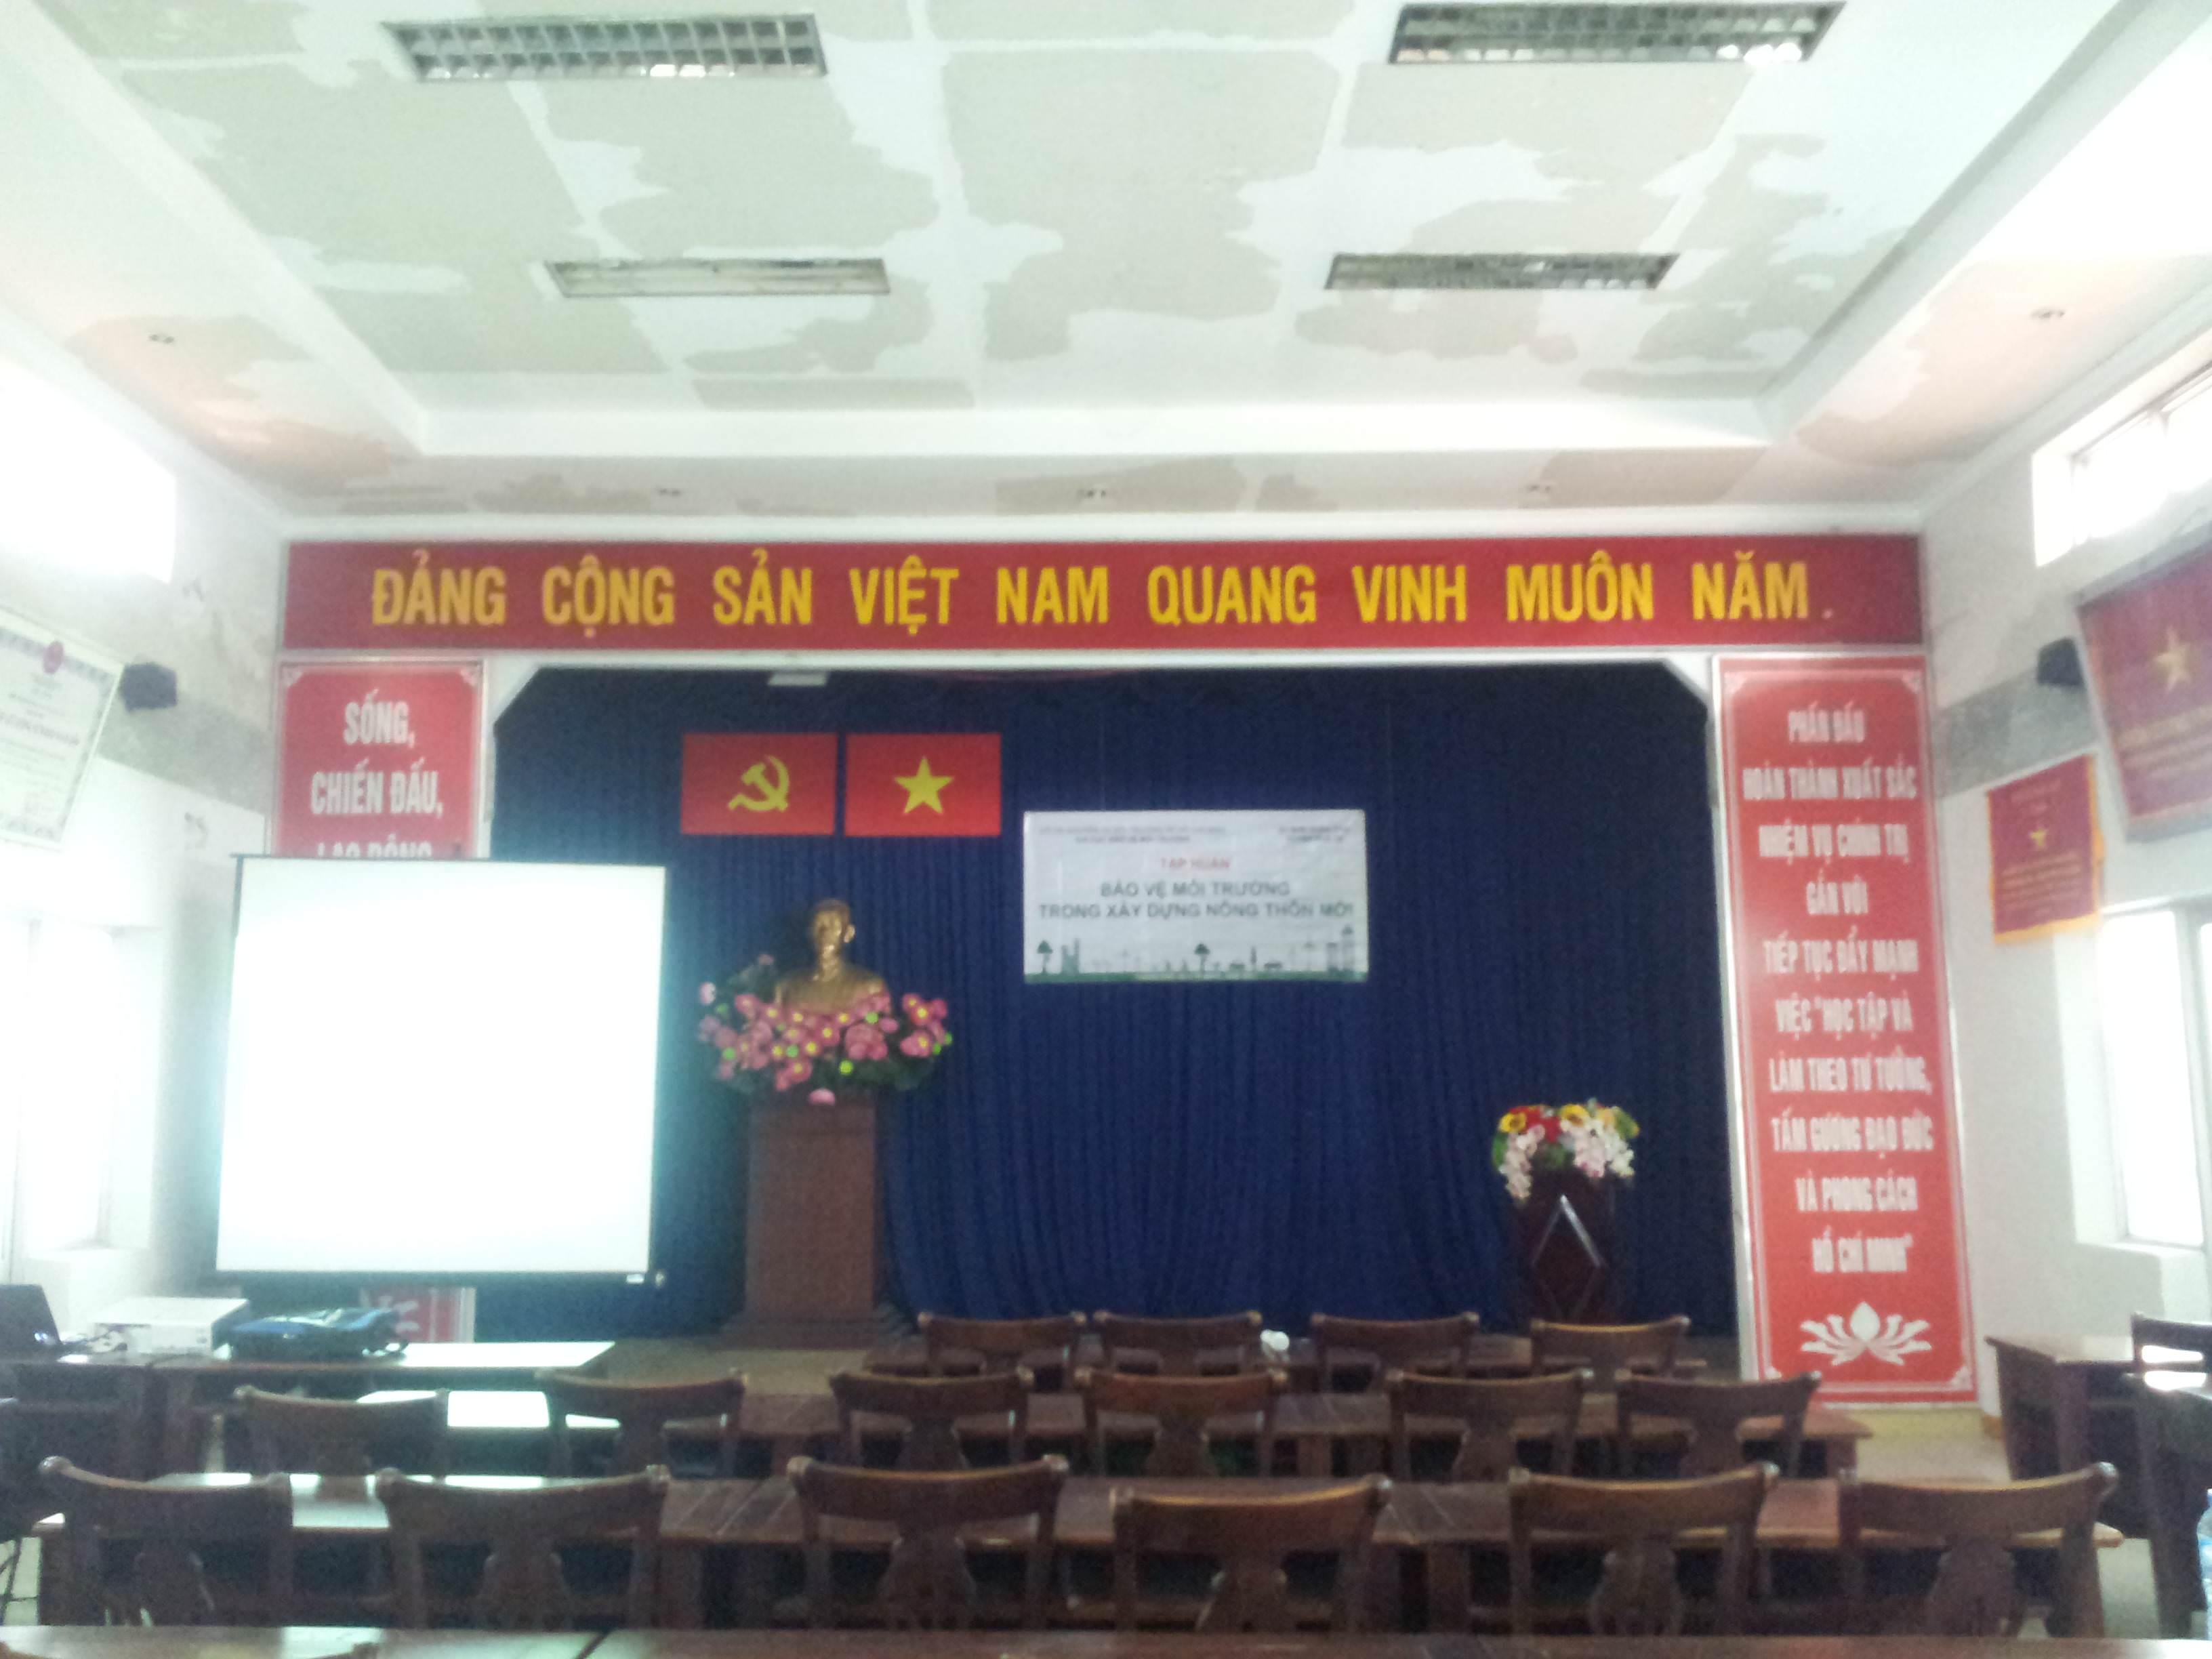 Buổi tập huấn bảo vệ môi trường tổ chức bởi Chi cụcBảo vệmôi trườngThành phố Hồ Chí Minh, thực hiện bởi Công ty Cổ phần Phát triển GRECO đồng phối